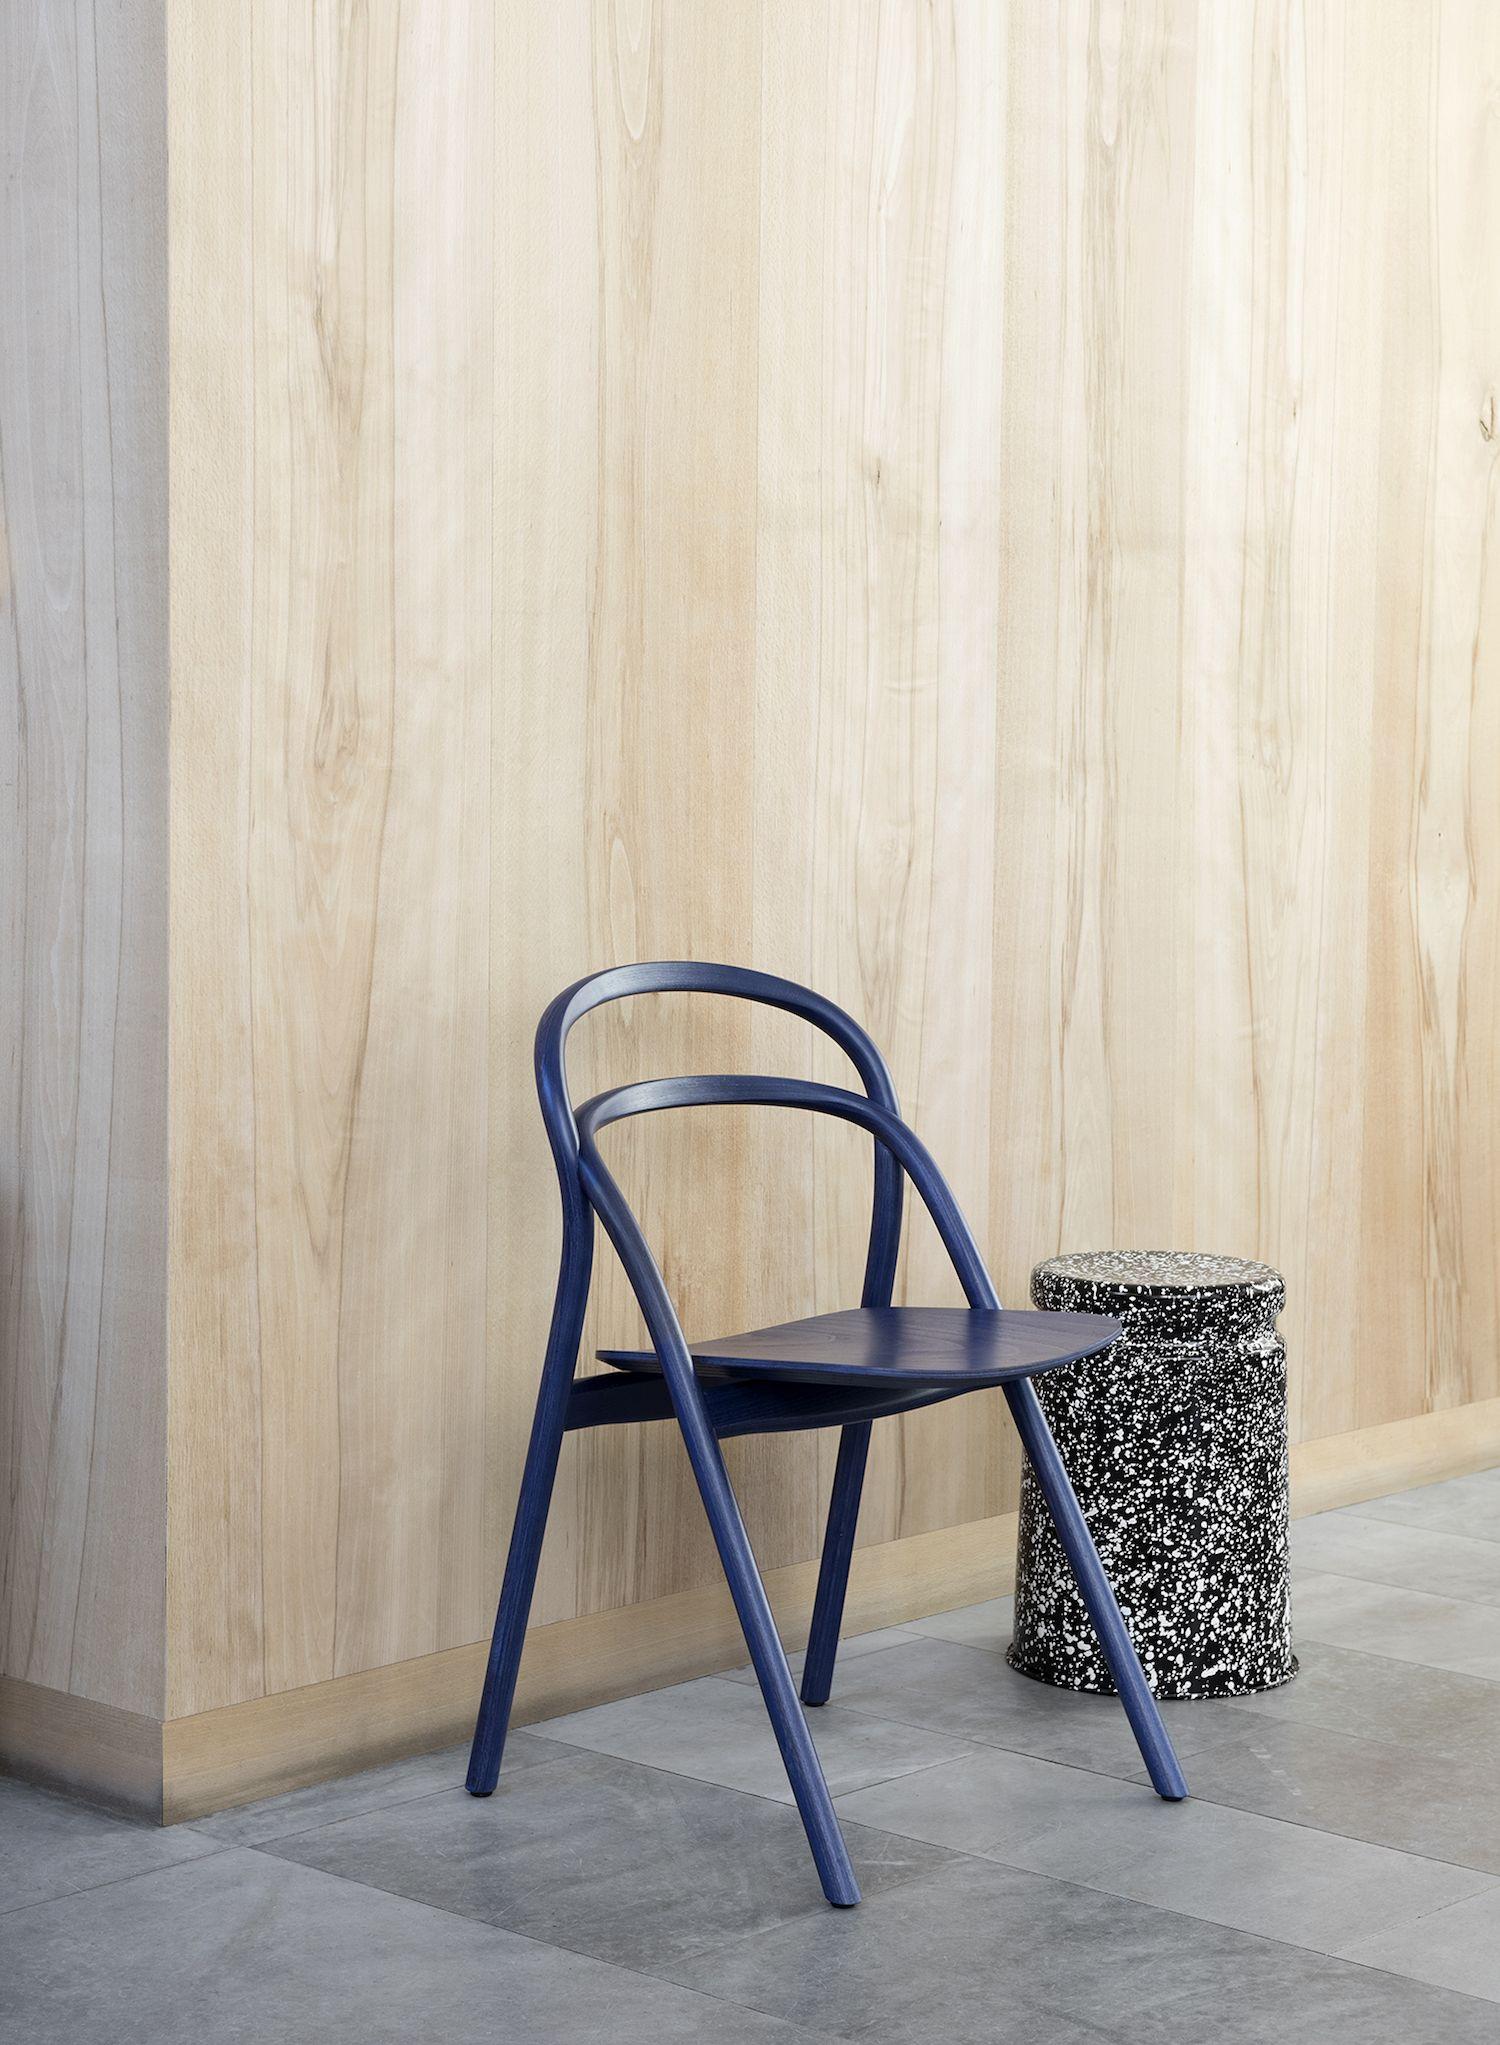 Erkunde Minimalistische Möbel, Stuhl Design Und Noch Mehr!